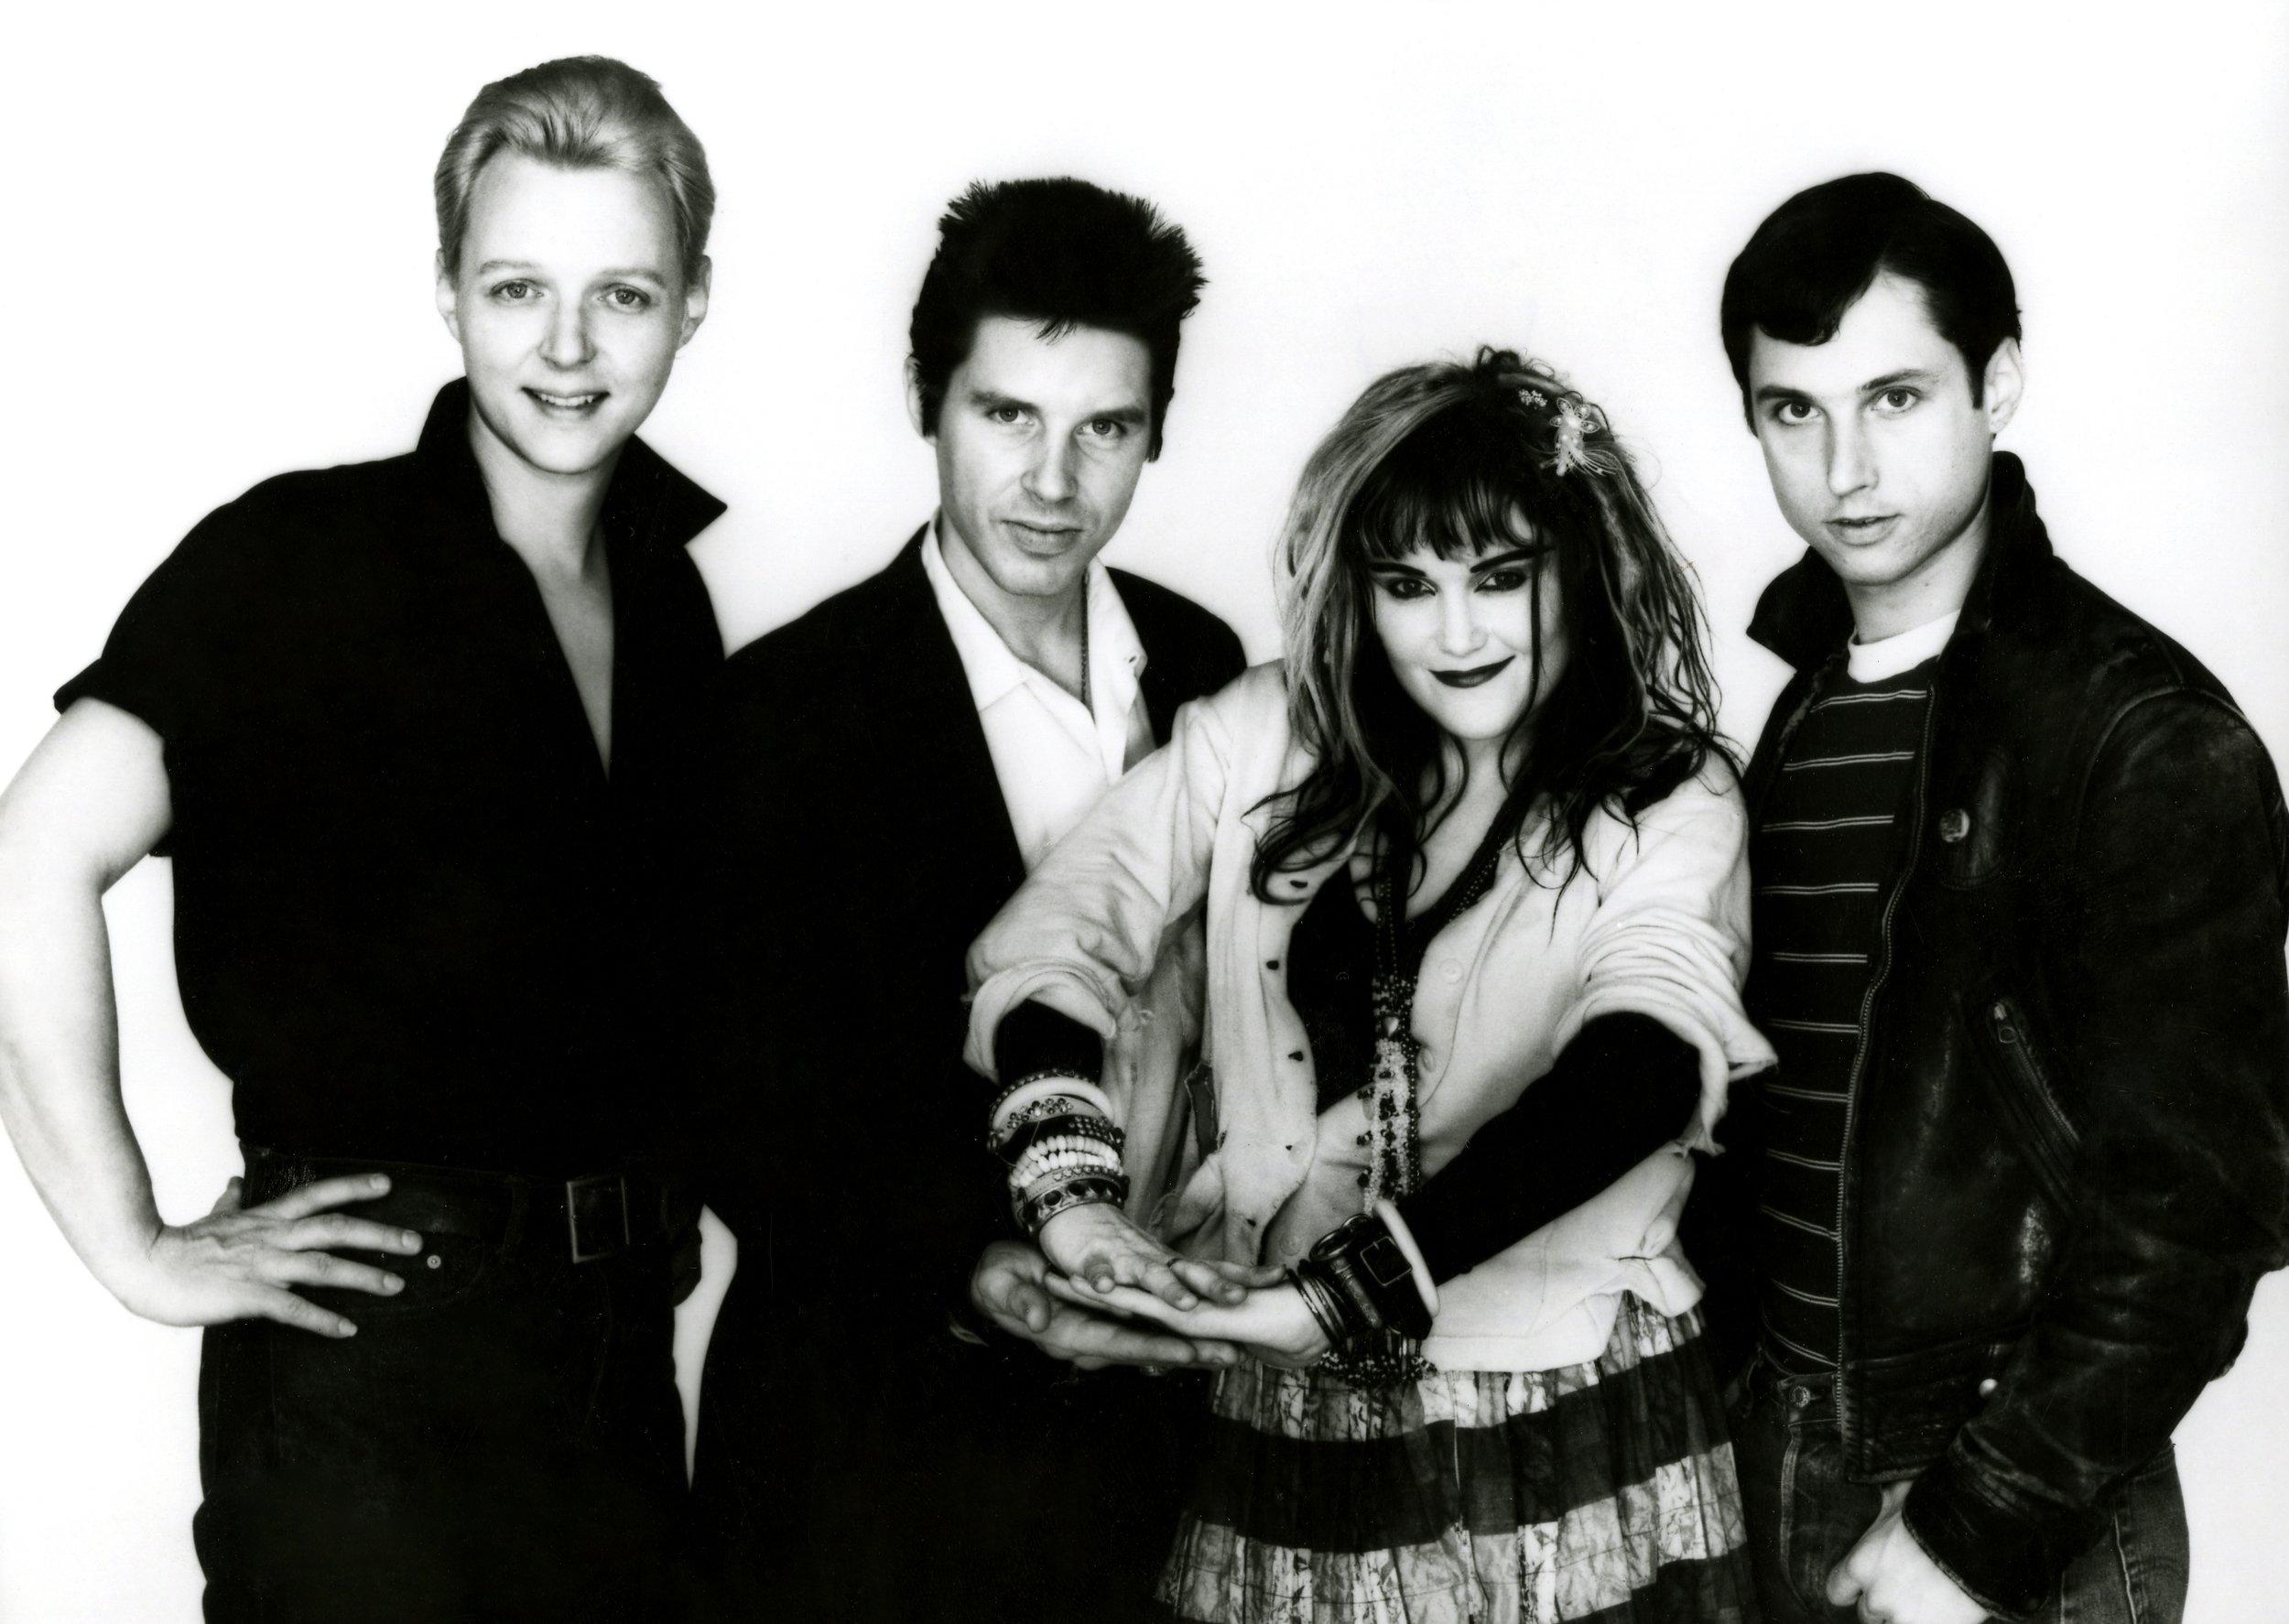 X | From left: Billy Zoom, John Doe, Exene Cervenka, D.J. Bonebrake | Photo credit to Frank Gargani